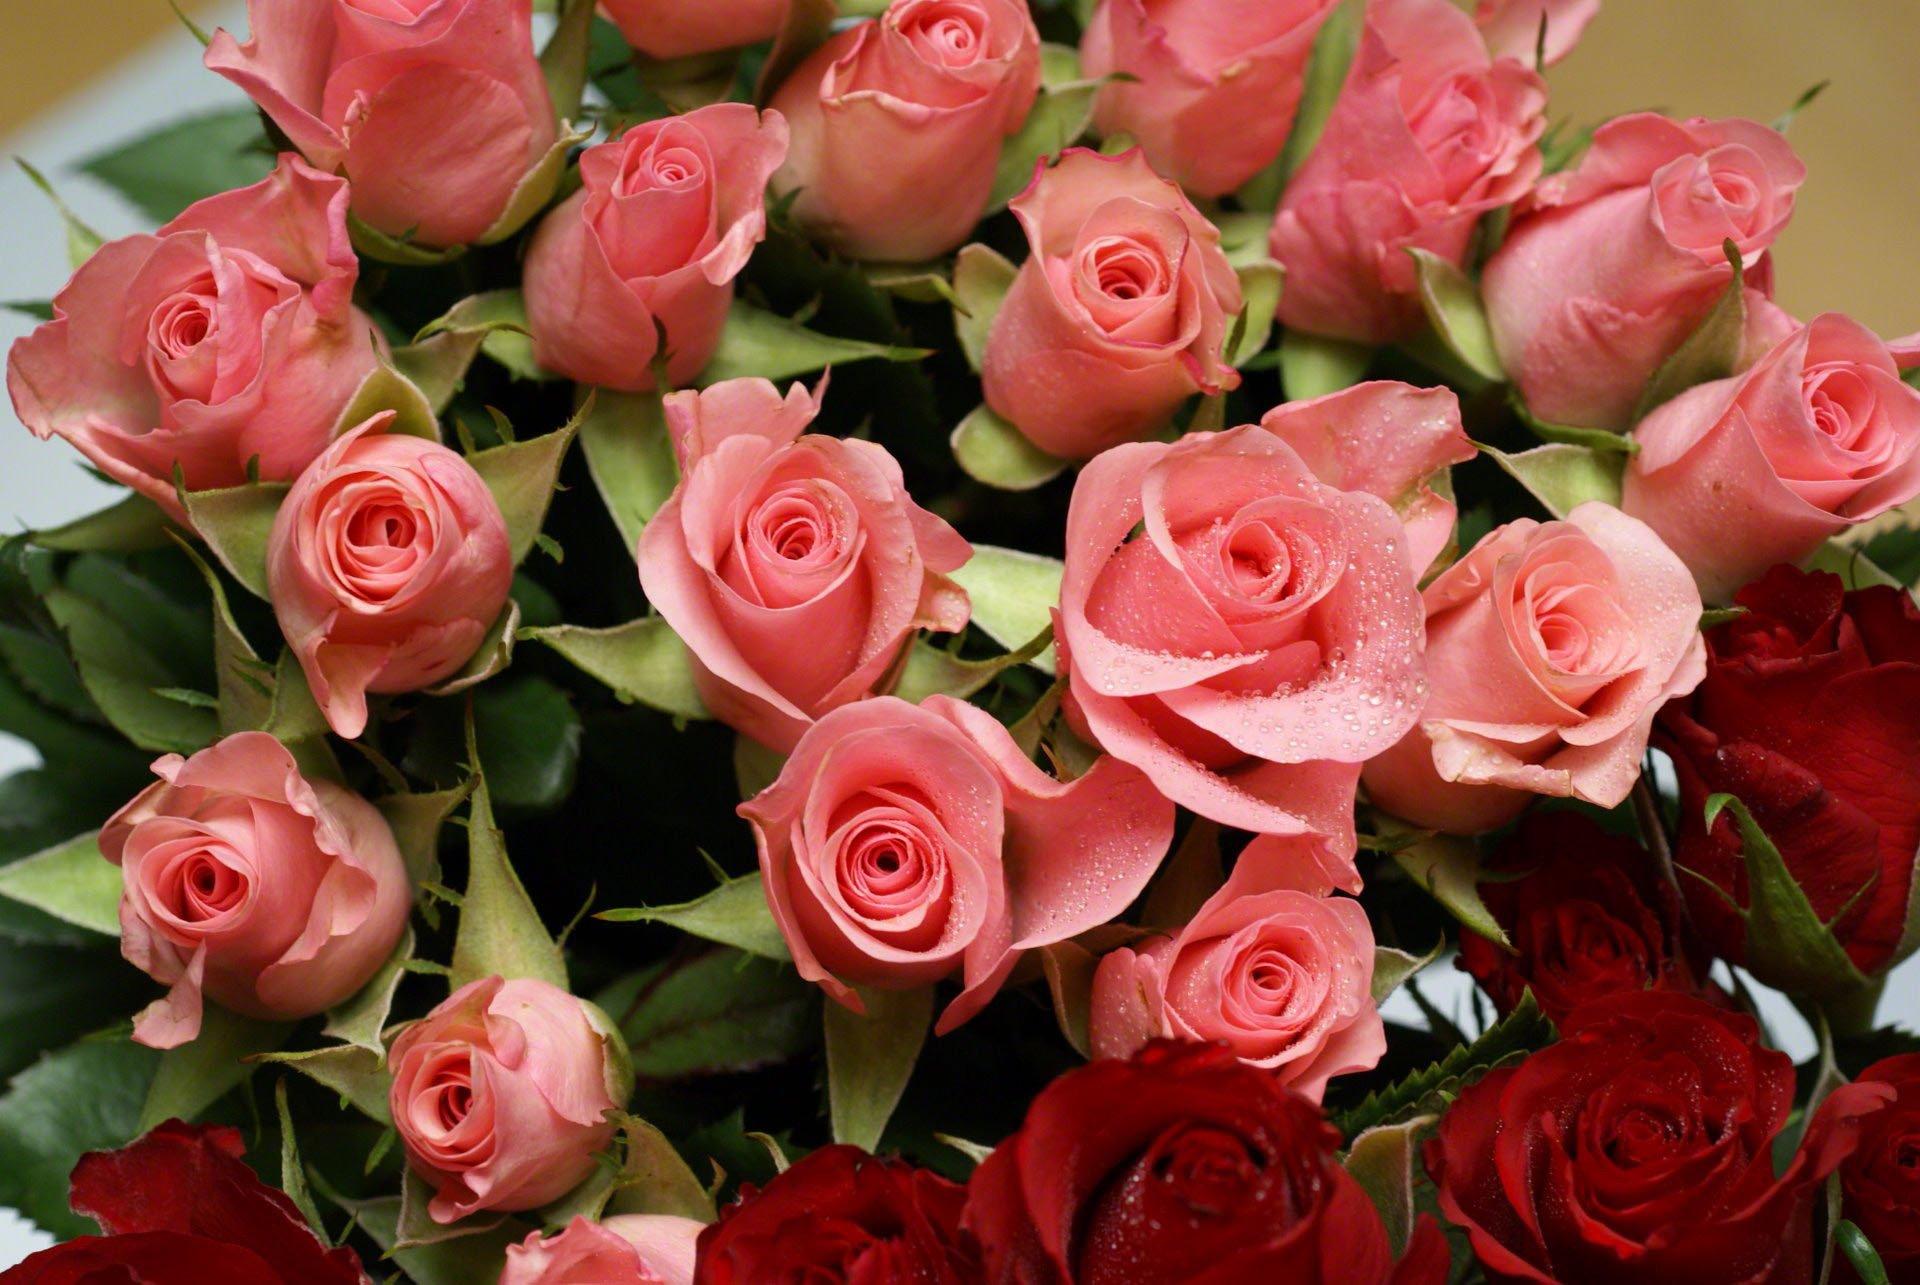 фото роз в хорошем качестве для печати ней